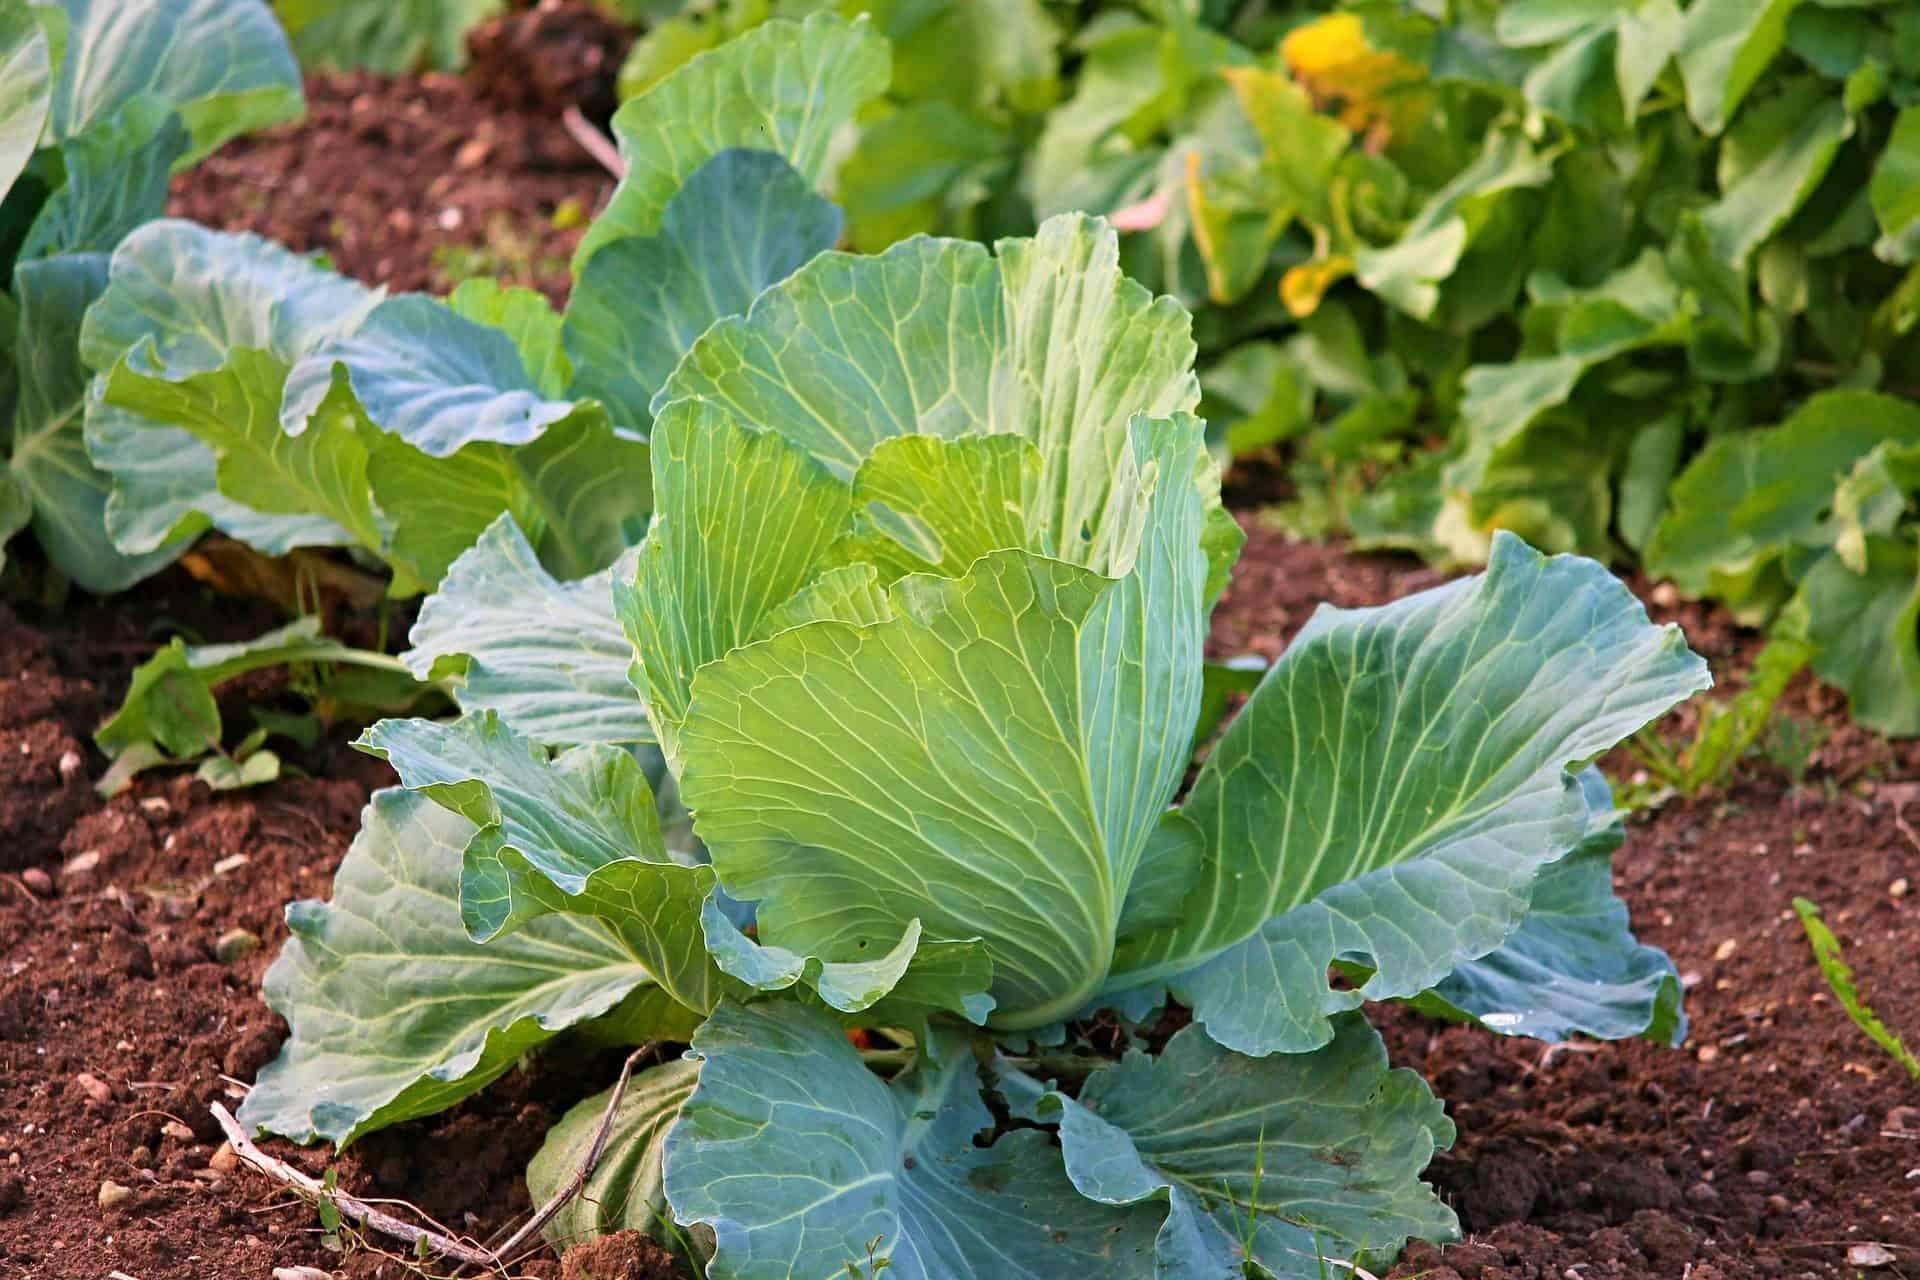 como produzir hortas organicas em casas e apartamentos